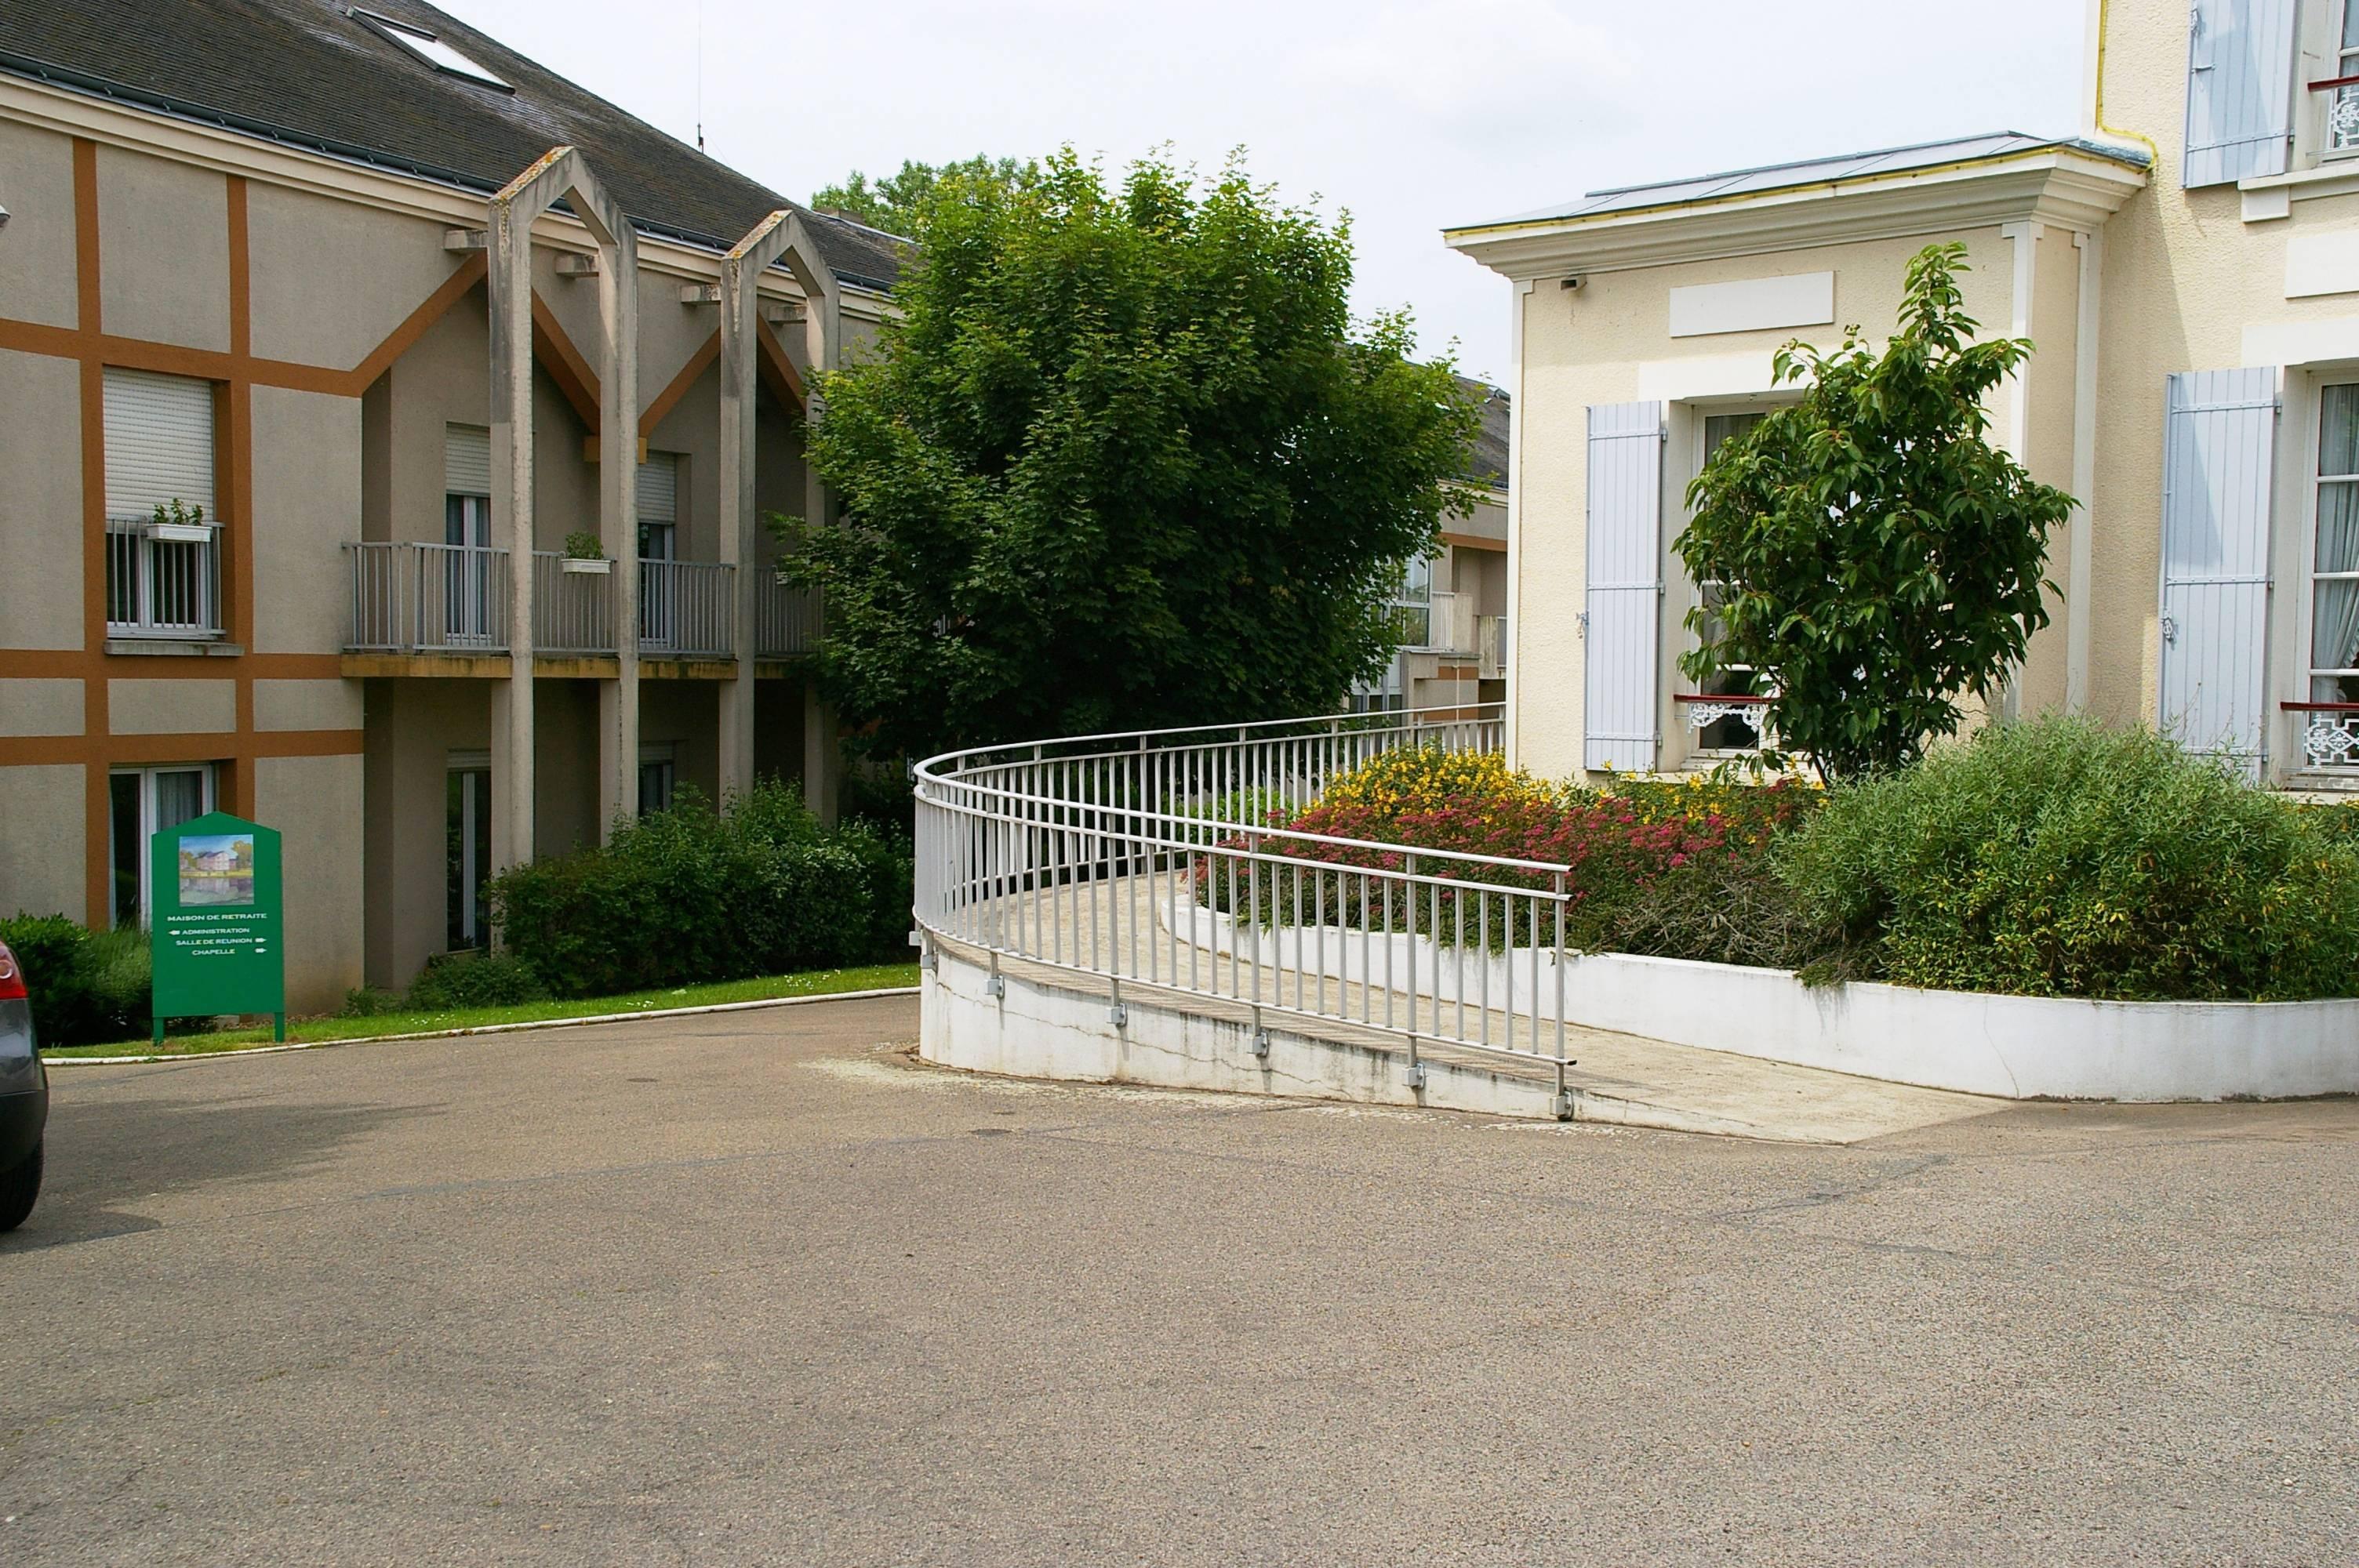 Maison de retraite brezolles maisons de retraite for Annuaire maison de retraite